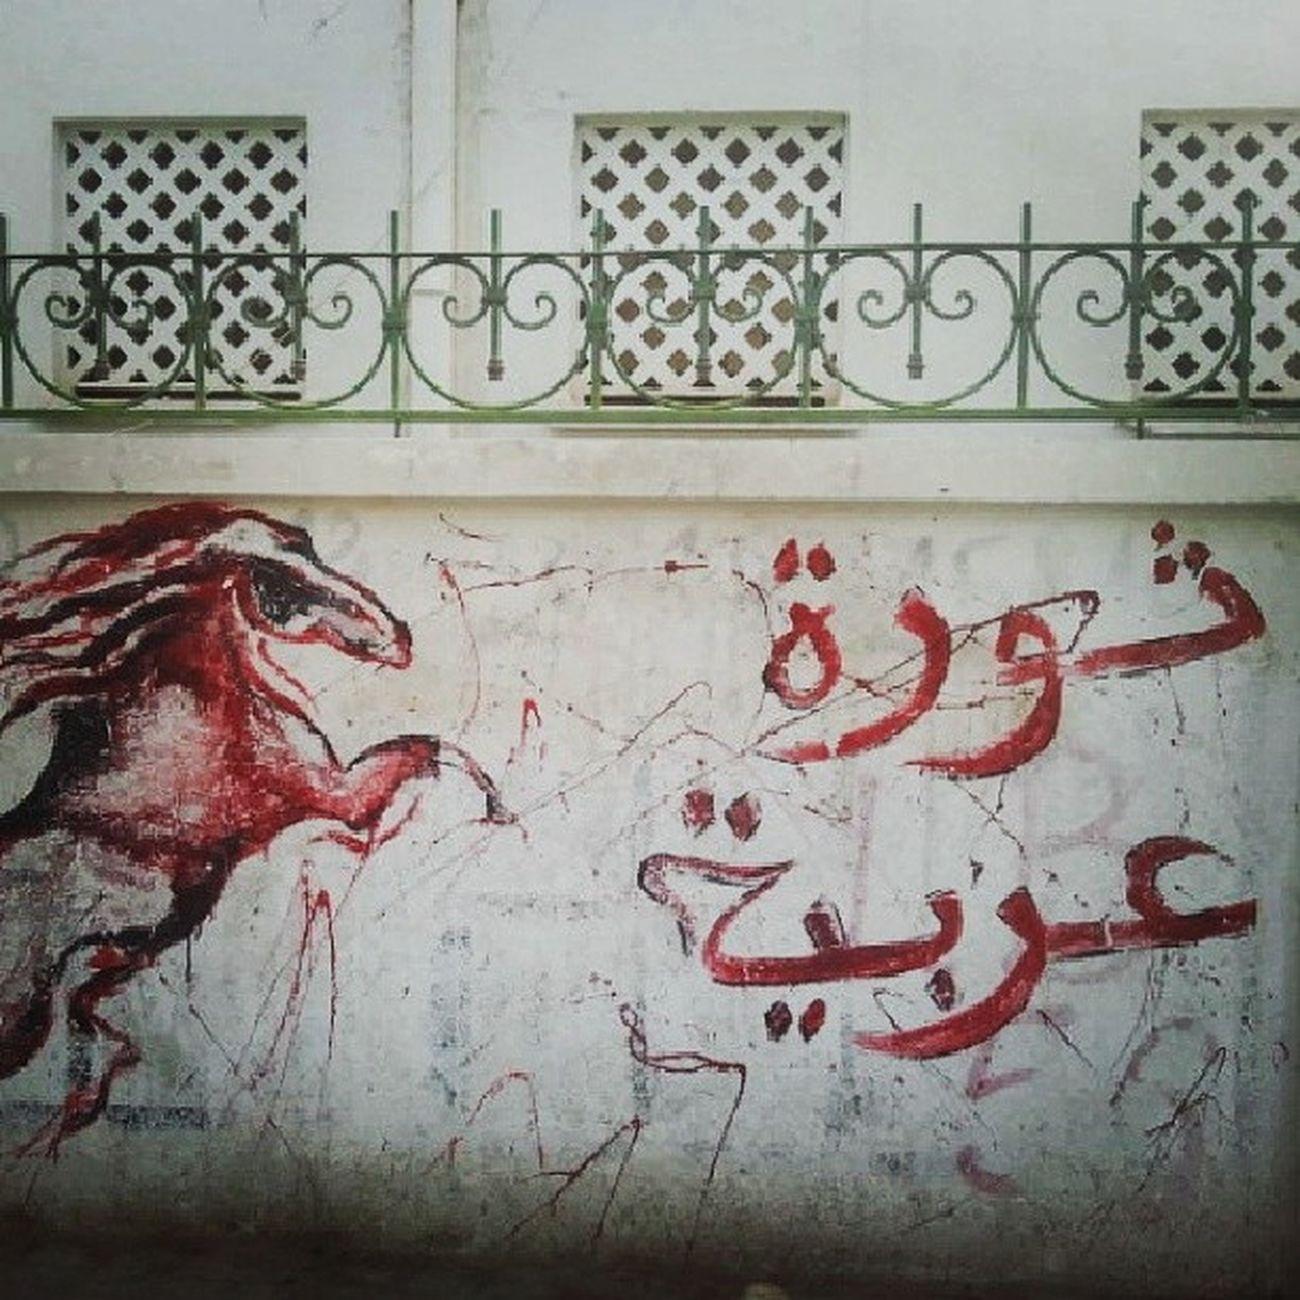 Graffeti El7amma Tunisie Tunisie ثورة غير مكتملة